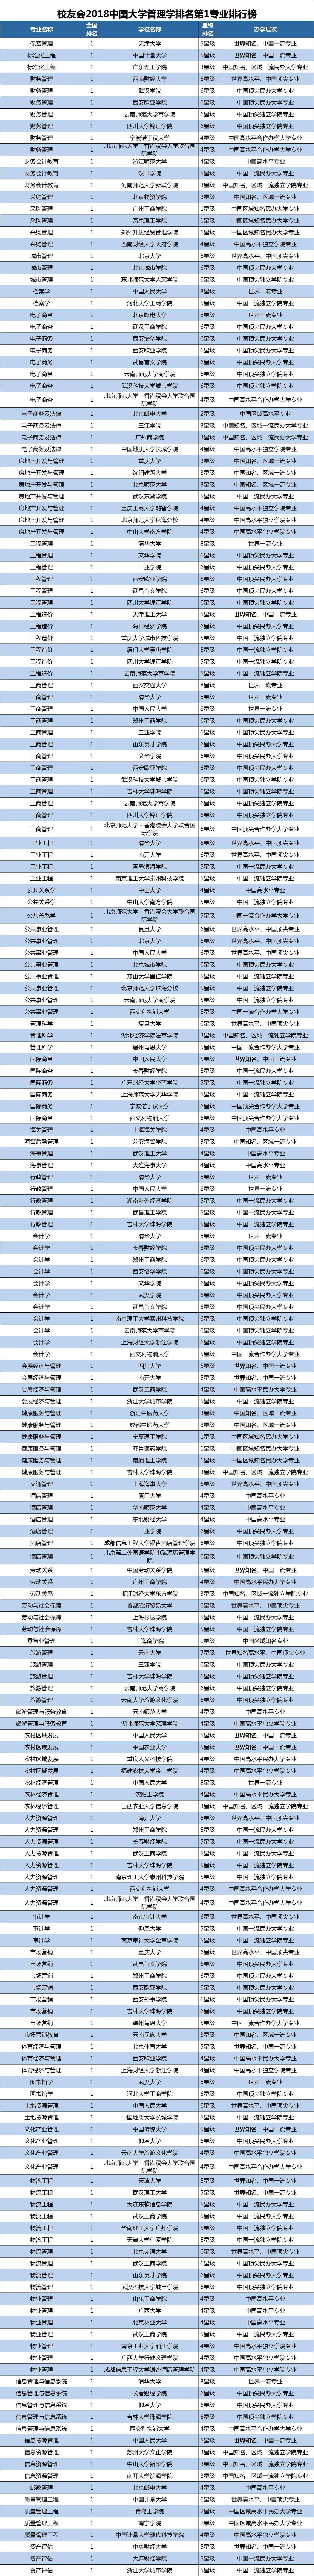 必赢亚洲366.net 5